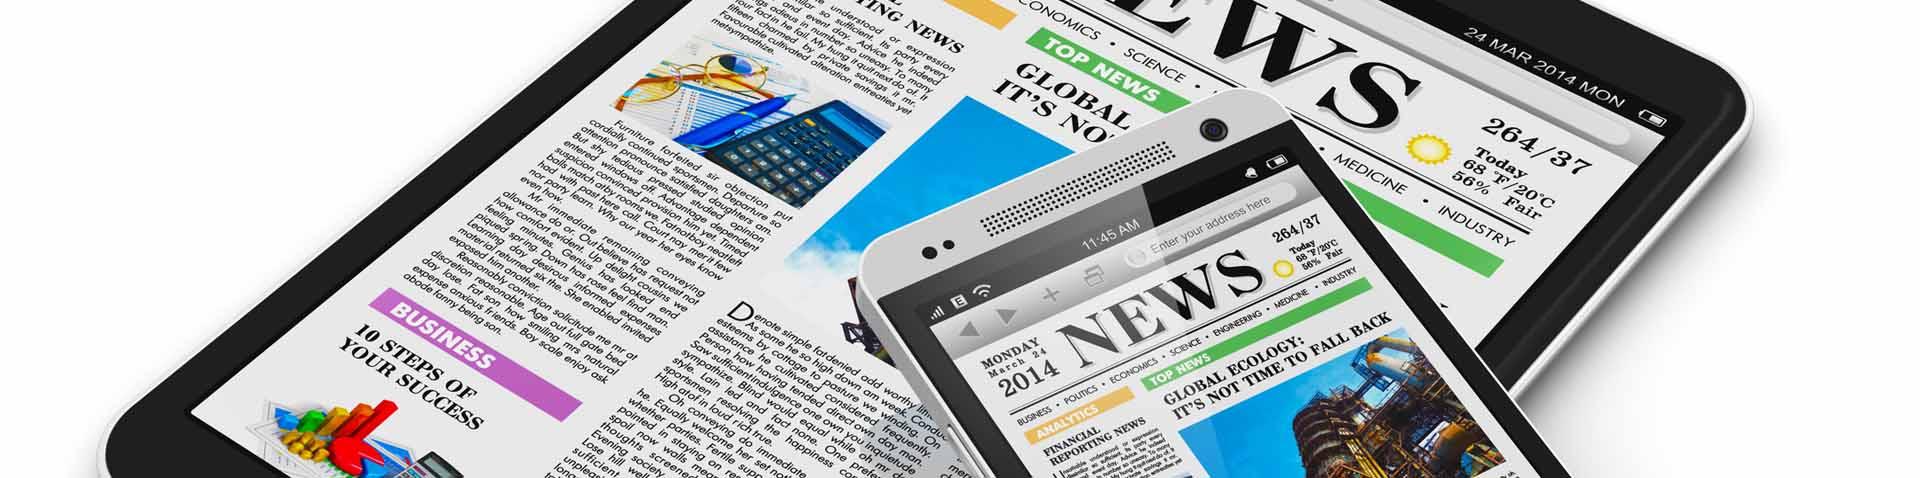 Smartphones, tablettes et objets connectés